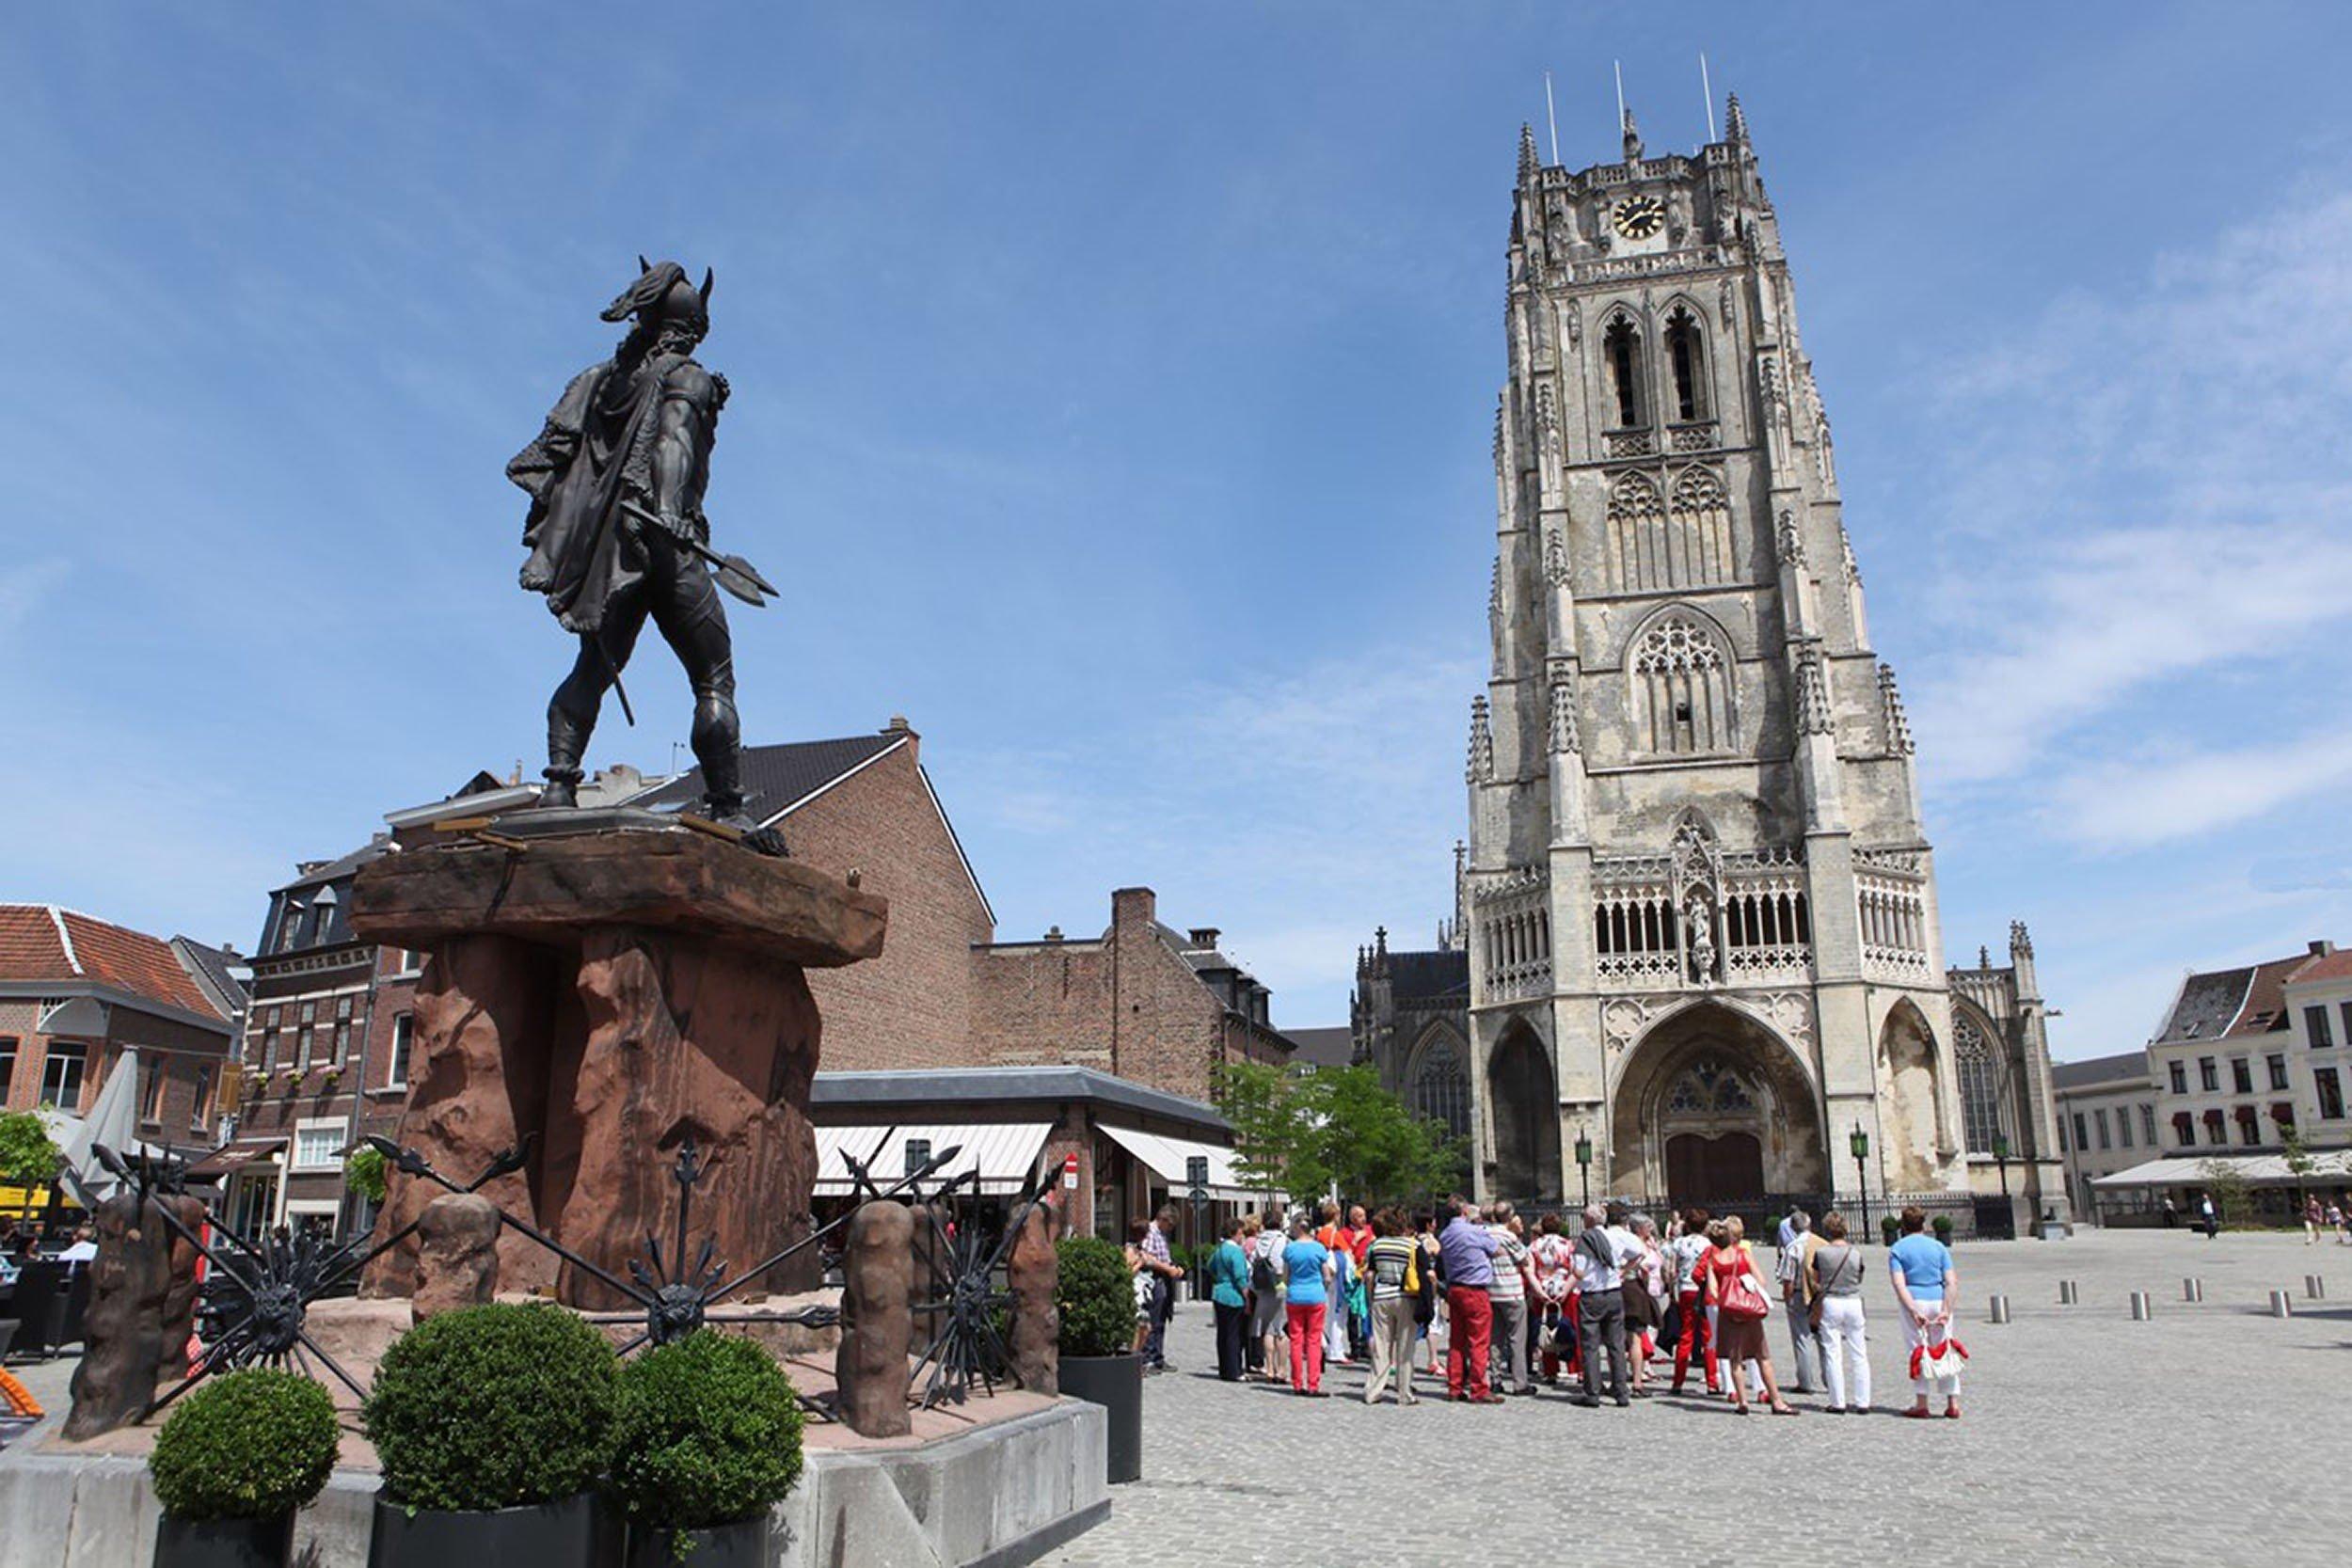 Dagaanbieding - 3 dagen in 4*-kloosterhotel in Tongeren op ca. 20 km van Maastricht incl. ontbijt en extra's dagelijkse koopjes